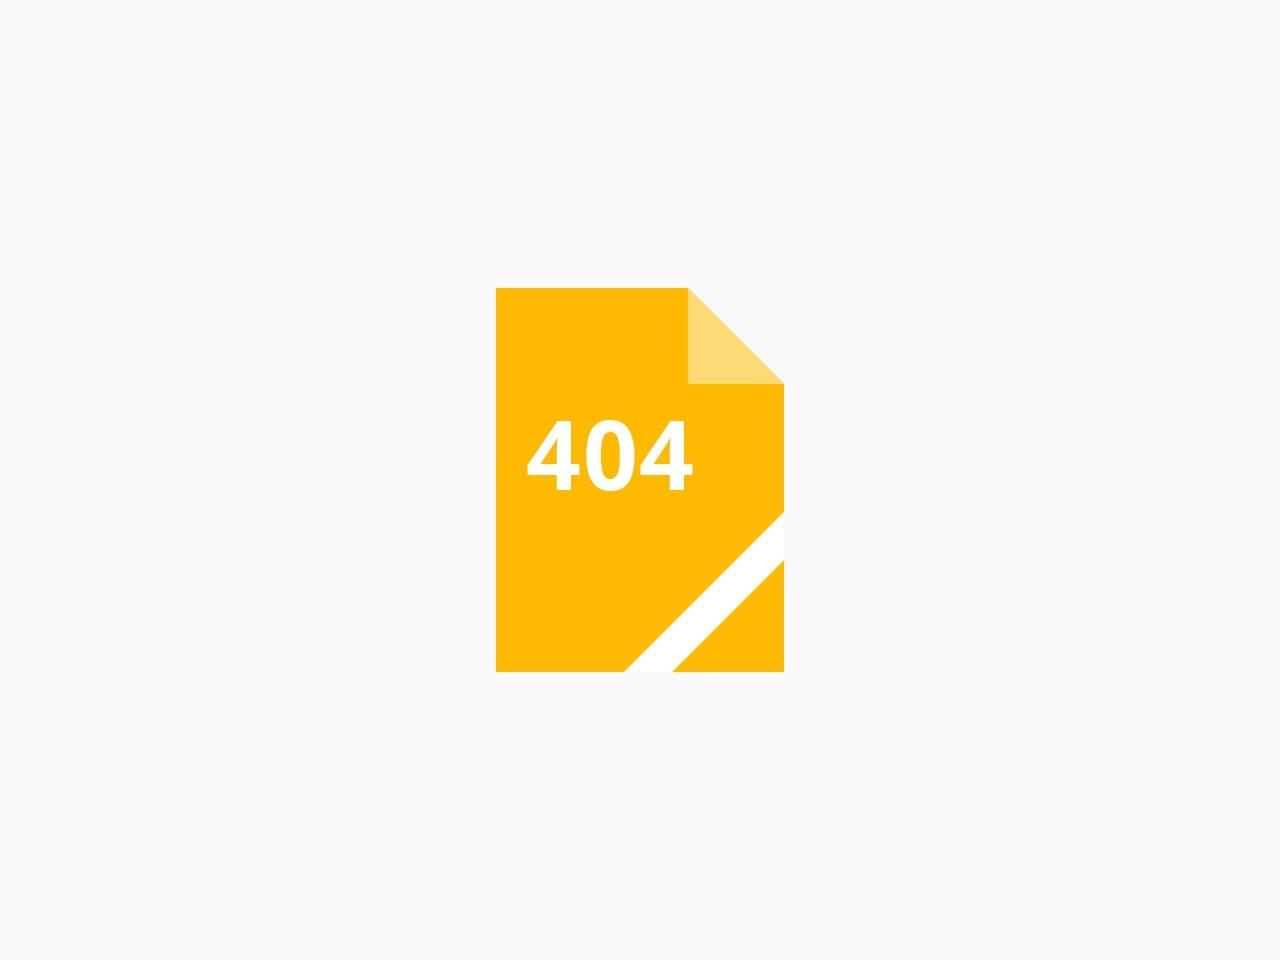 草莓资源网- 亚洲最大在线资源采集站,365天无死角更新